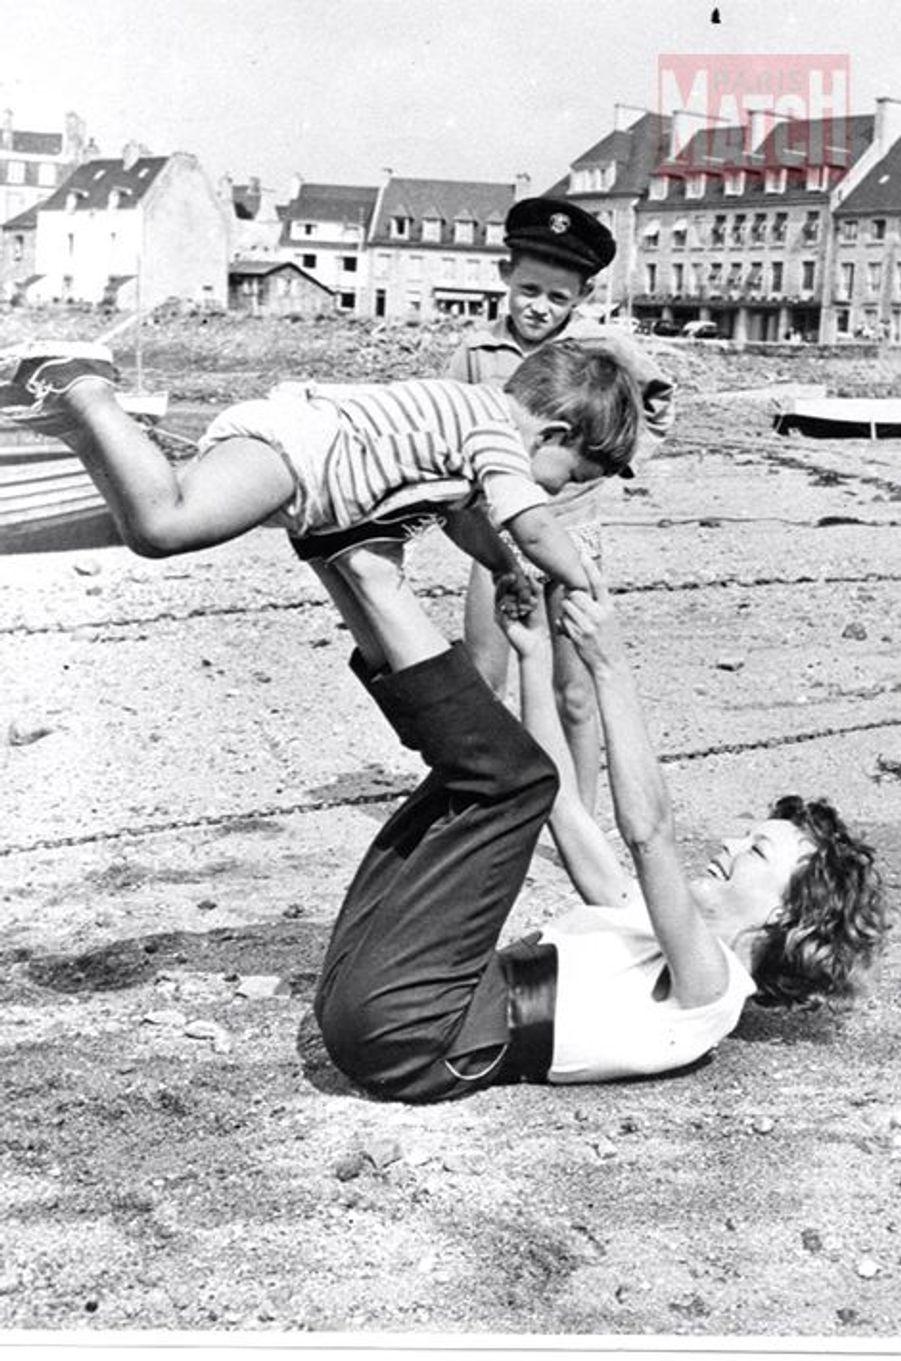 À Saint-Malo en 1960, une image du bonheur qui faisait des envieux à en croire le visage du gamin à la casquette